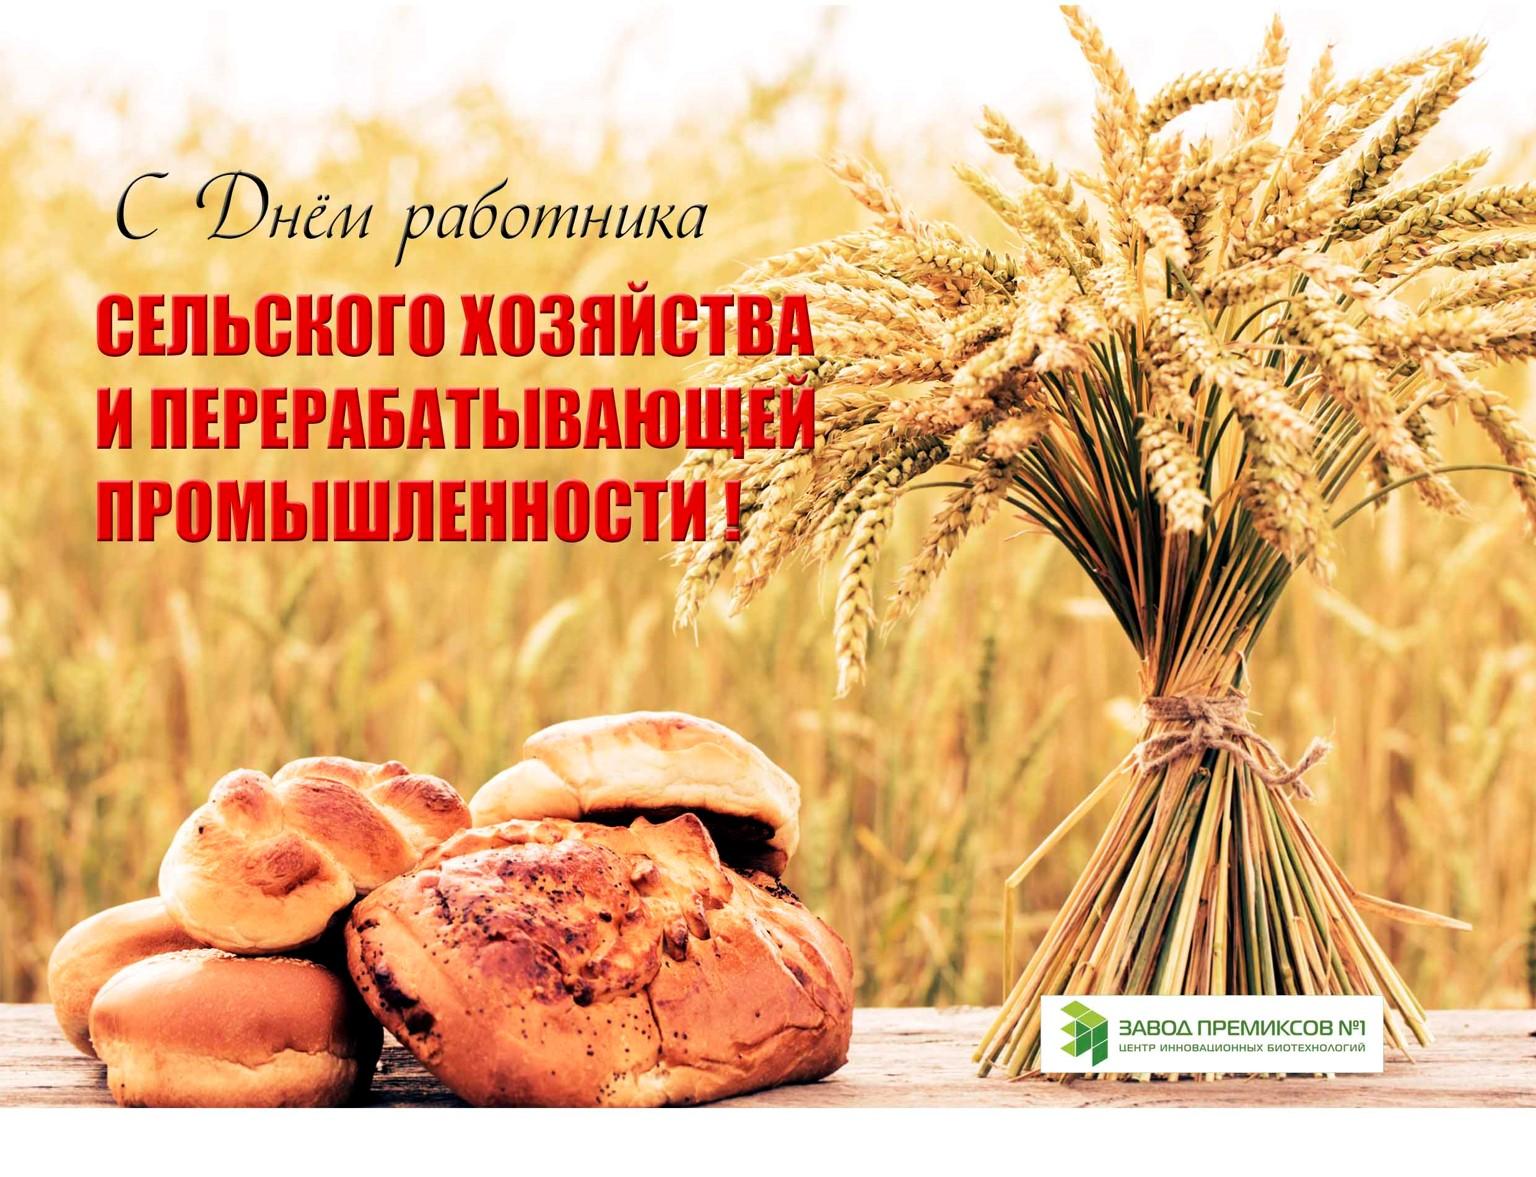 простой поздравление с днем работника сельского хозяйства мужчине меню узбекские, грузинские